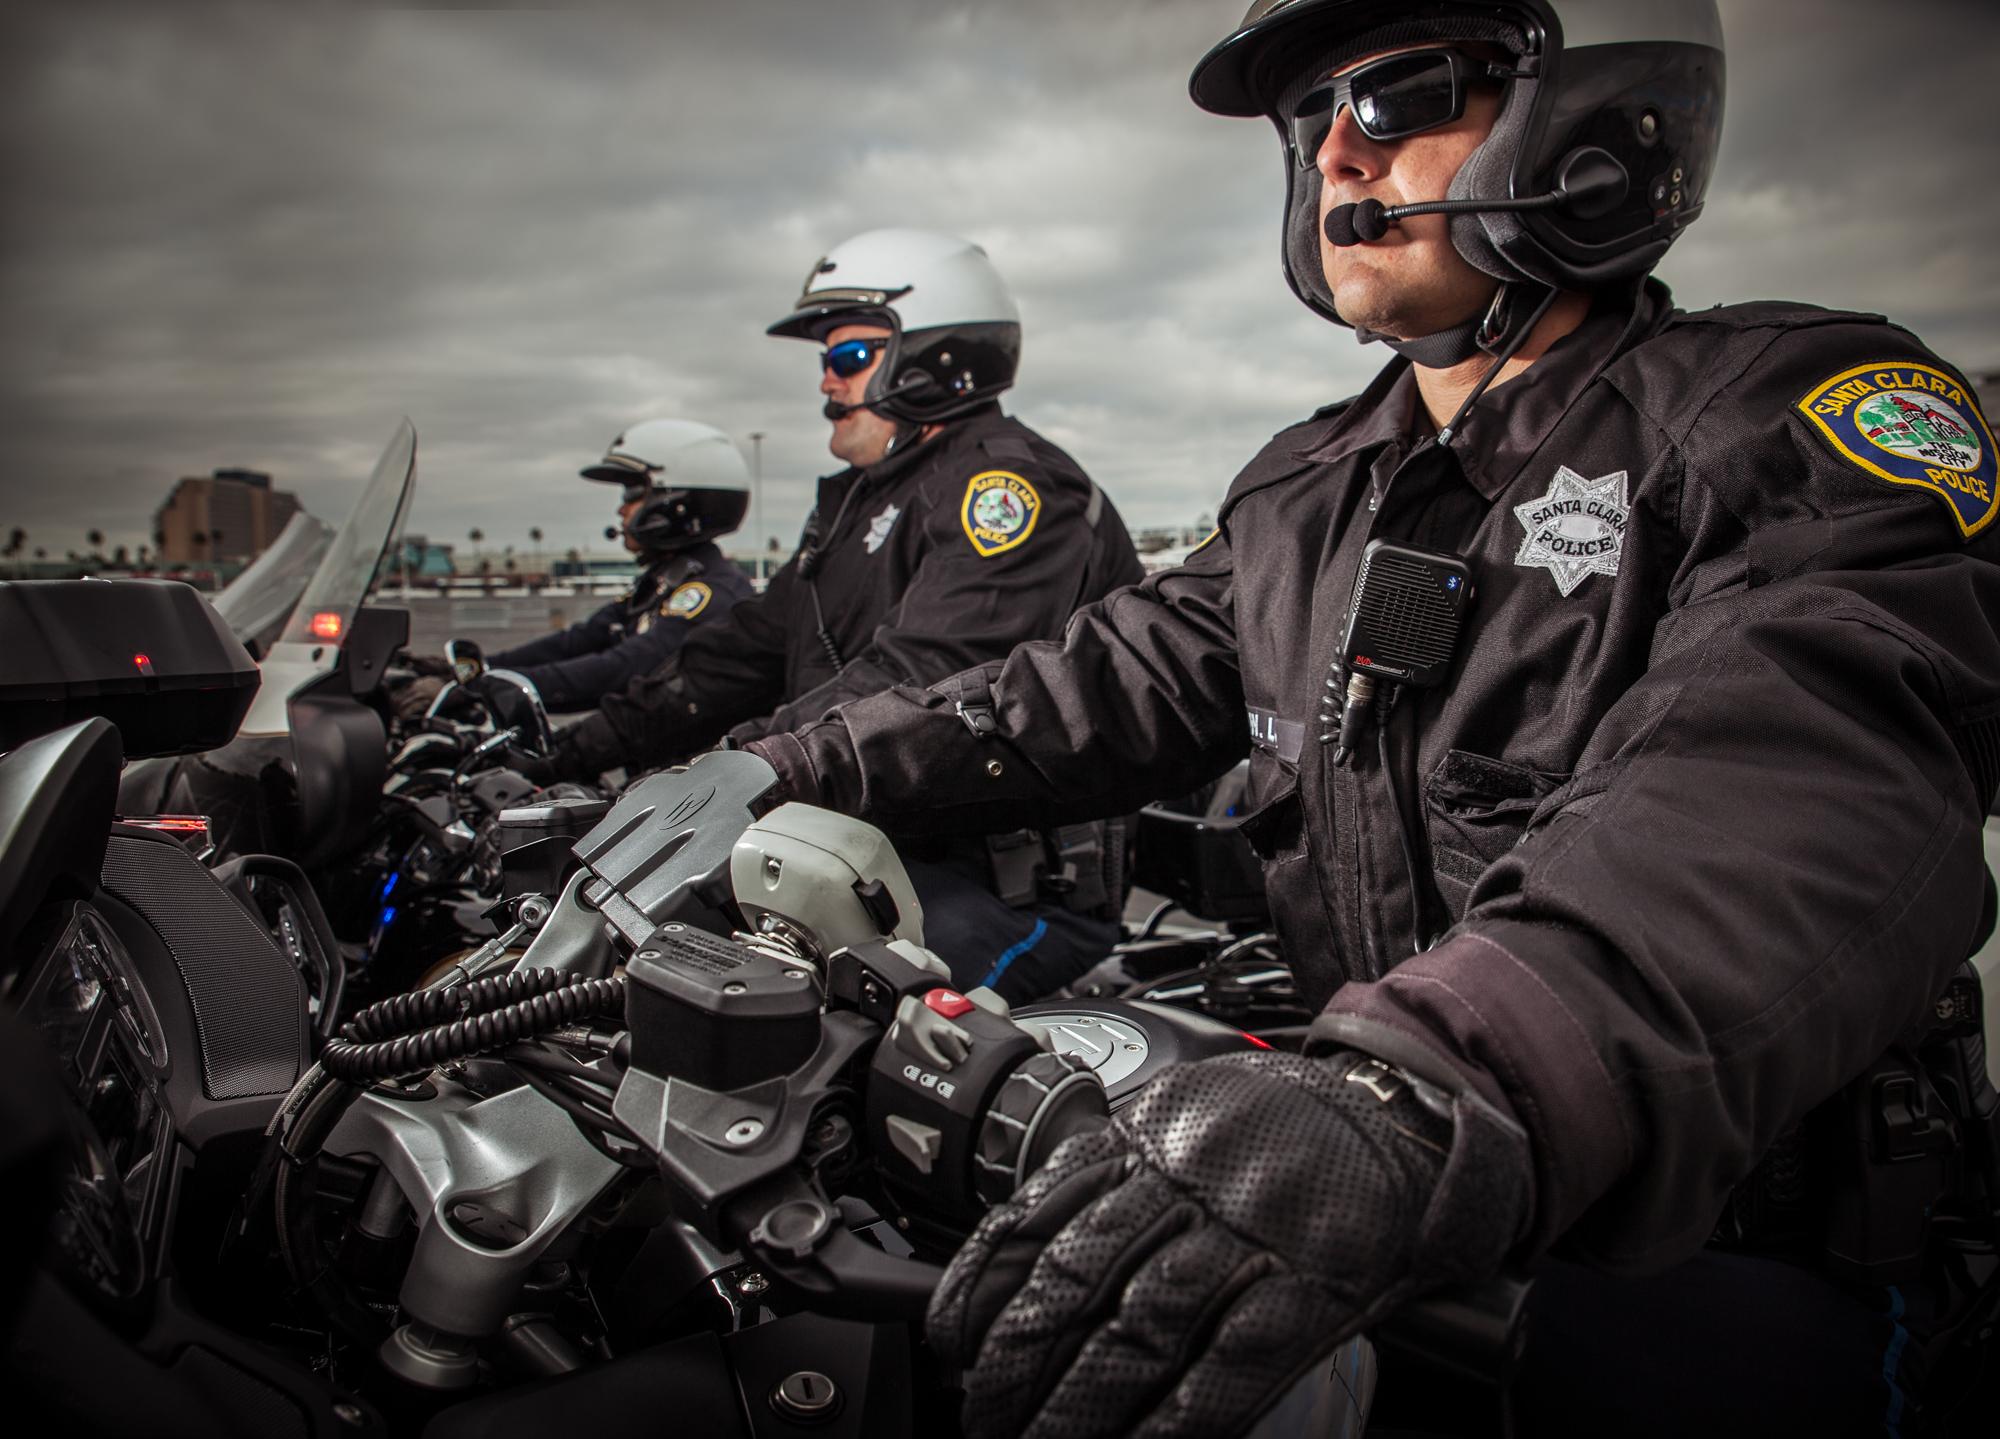 SCPD_Motorcycles-11.jpg